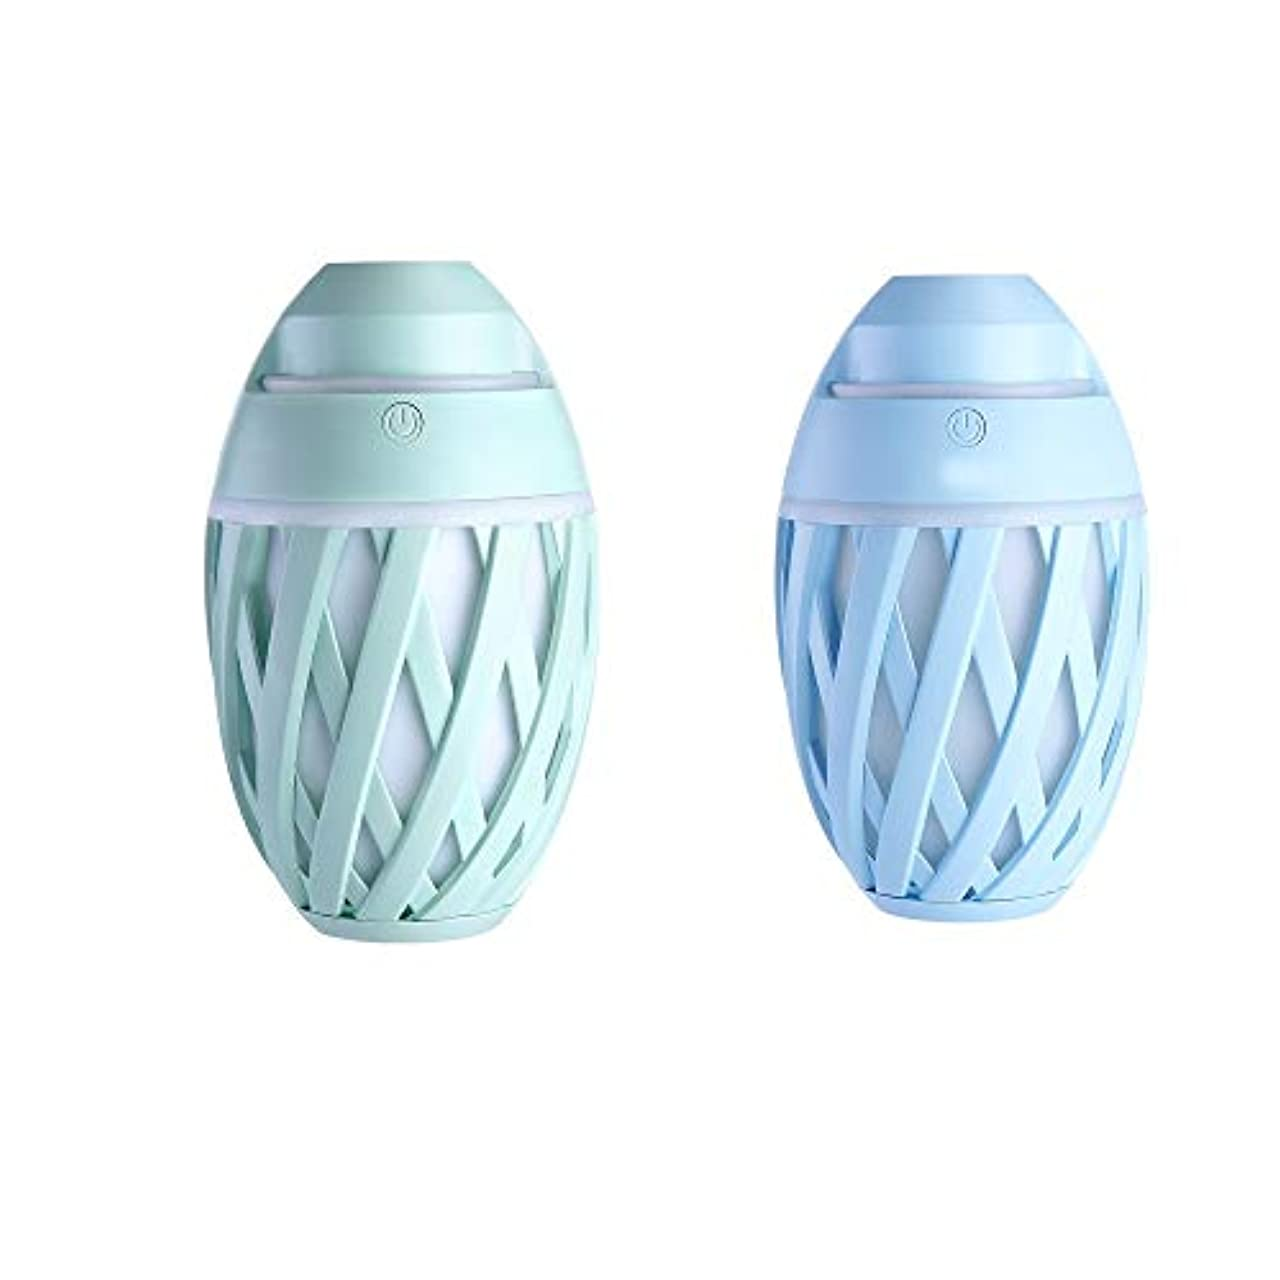 緩む光電ガイドラインZXF ミニUSB車の空気加湿器の美しさの楽器オリーブ形マイナスイオンカラフルな変更美しさの水道メーターABS材料2つの青いモデル緑 滑らかである (色 : Blue)